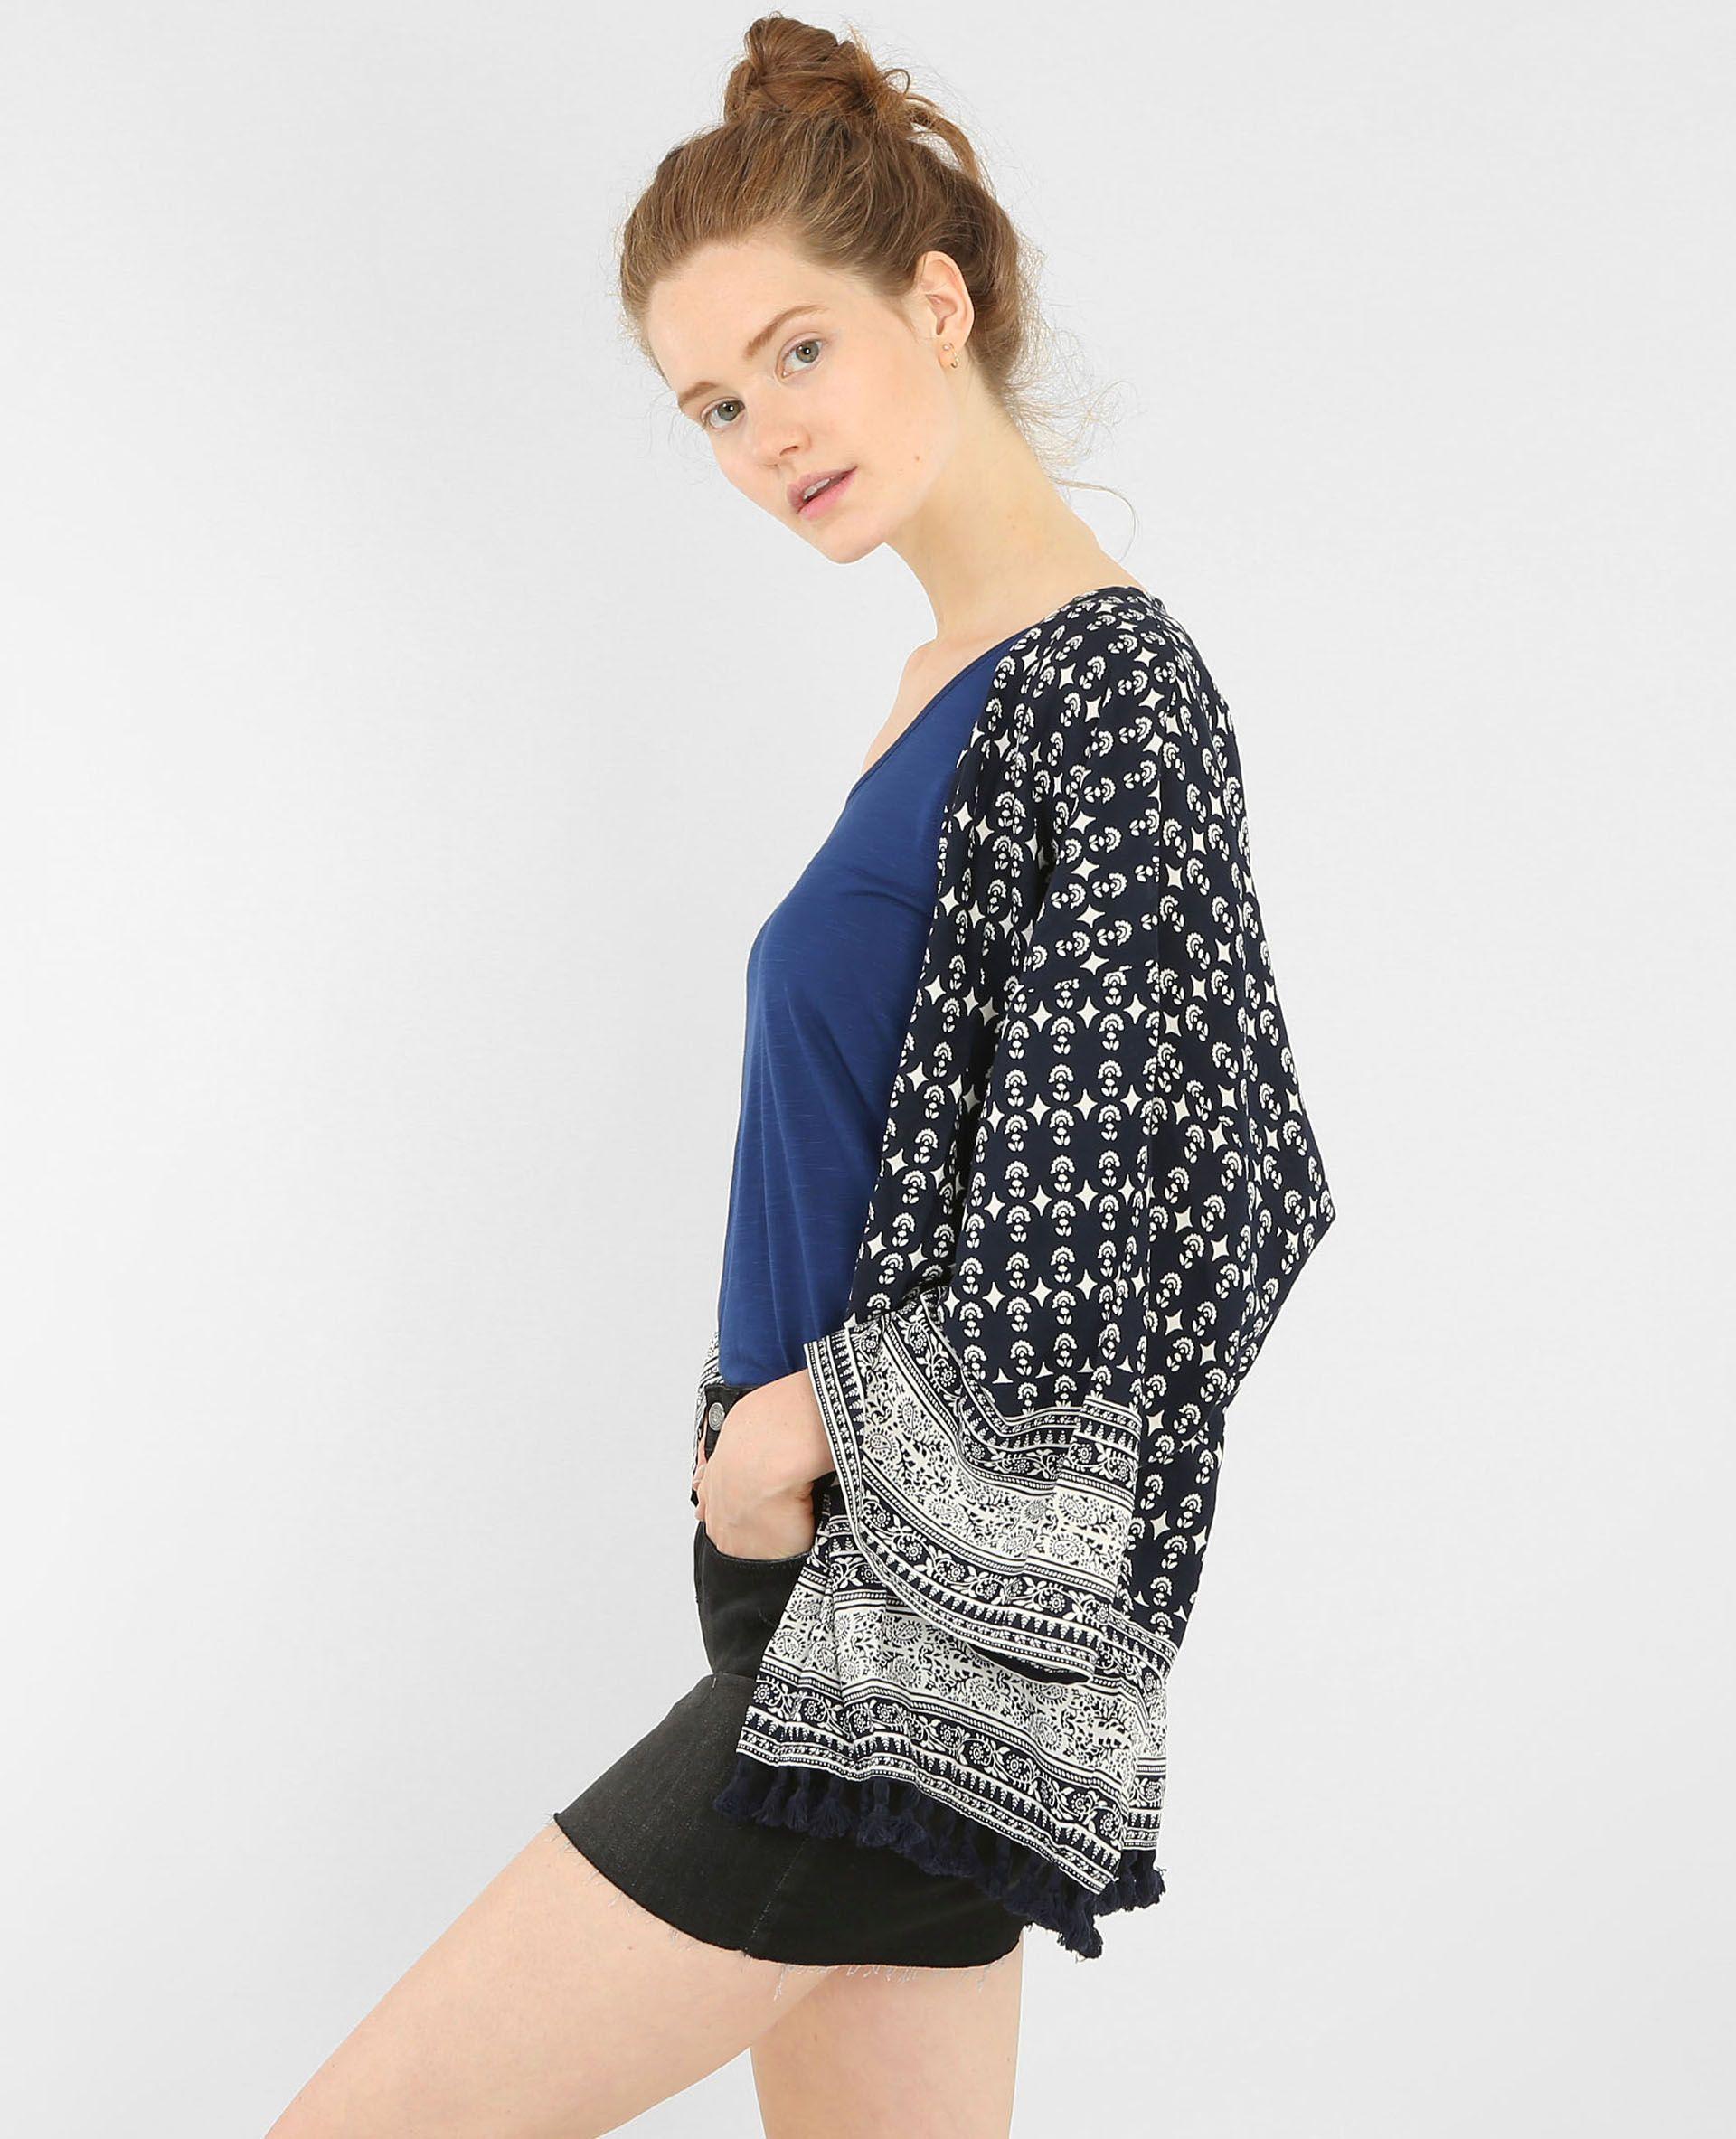 Pimkie  Veste kimono imprimée bleu marine - Collection Automne Hiver 2016 -  Imprimé bandana et pompons pour le kimono bohême, ultra féminin. 66c327eacd0f